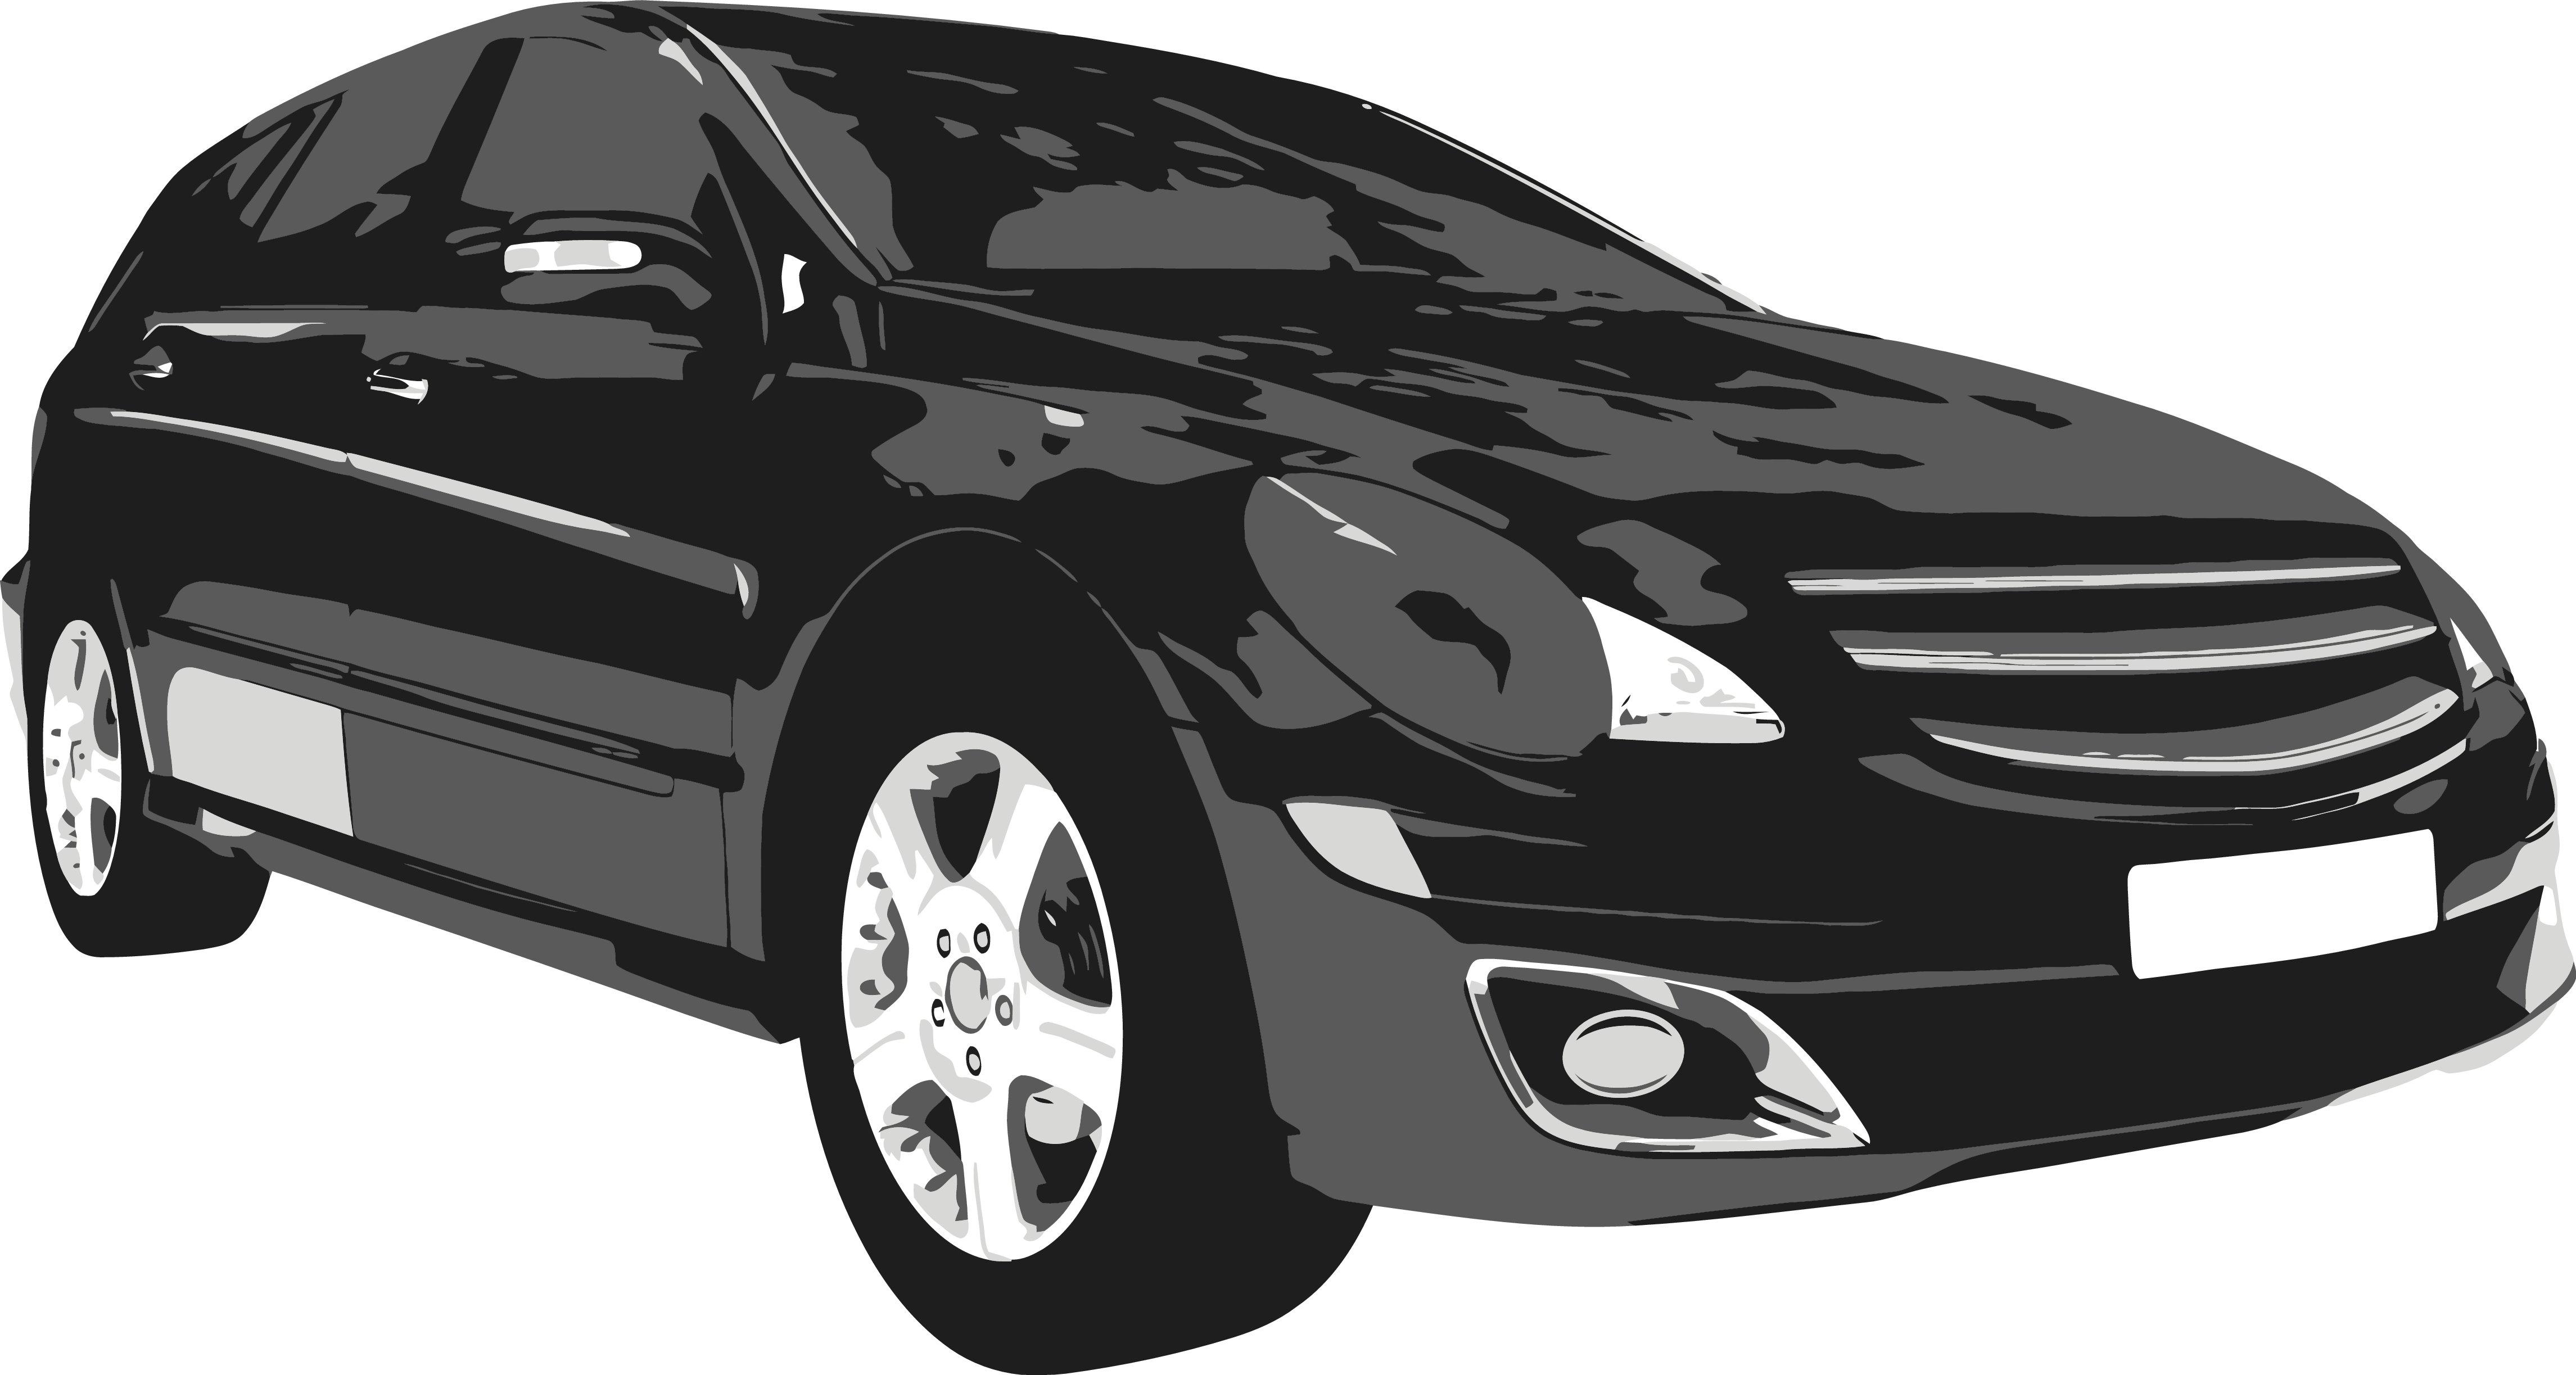 Verdienstausfall bei der Zulieferindustrie durch Elektromobilität.